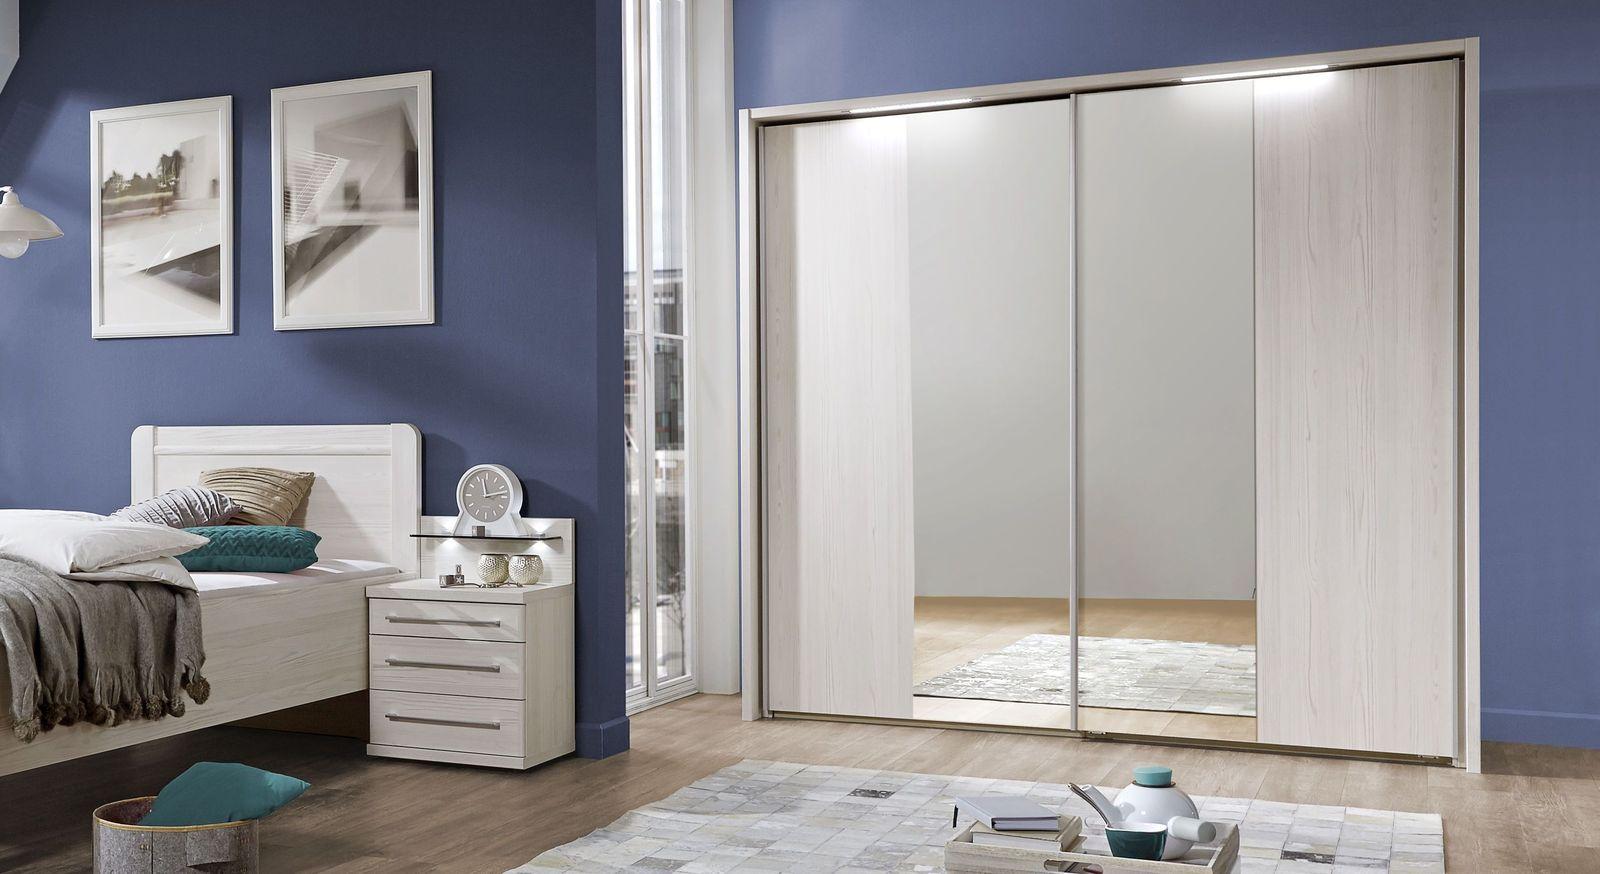 Spiegel-Kleiderschrank Apolda mit Power-LED-Beleuchtung